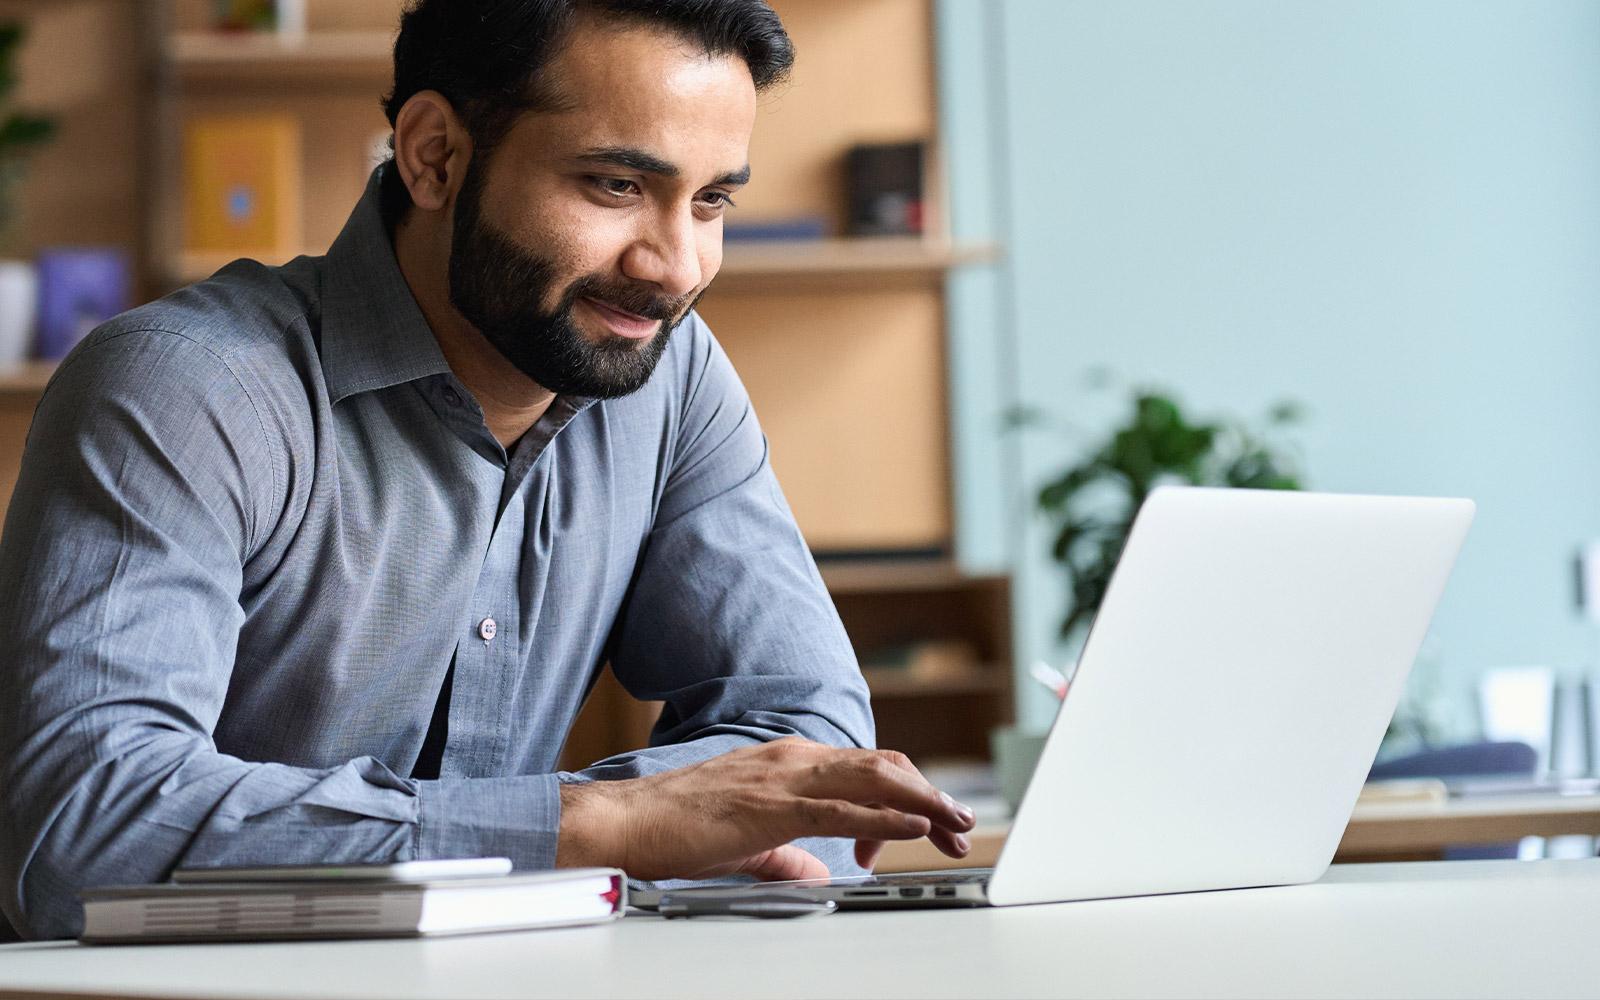 Man scrolling on his laptop